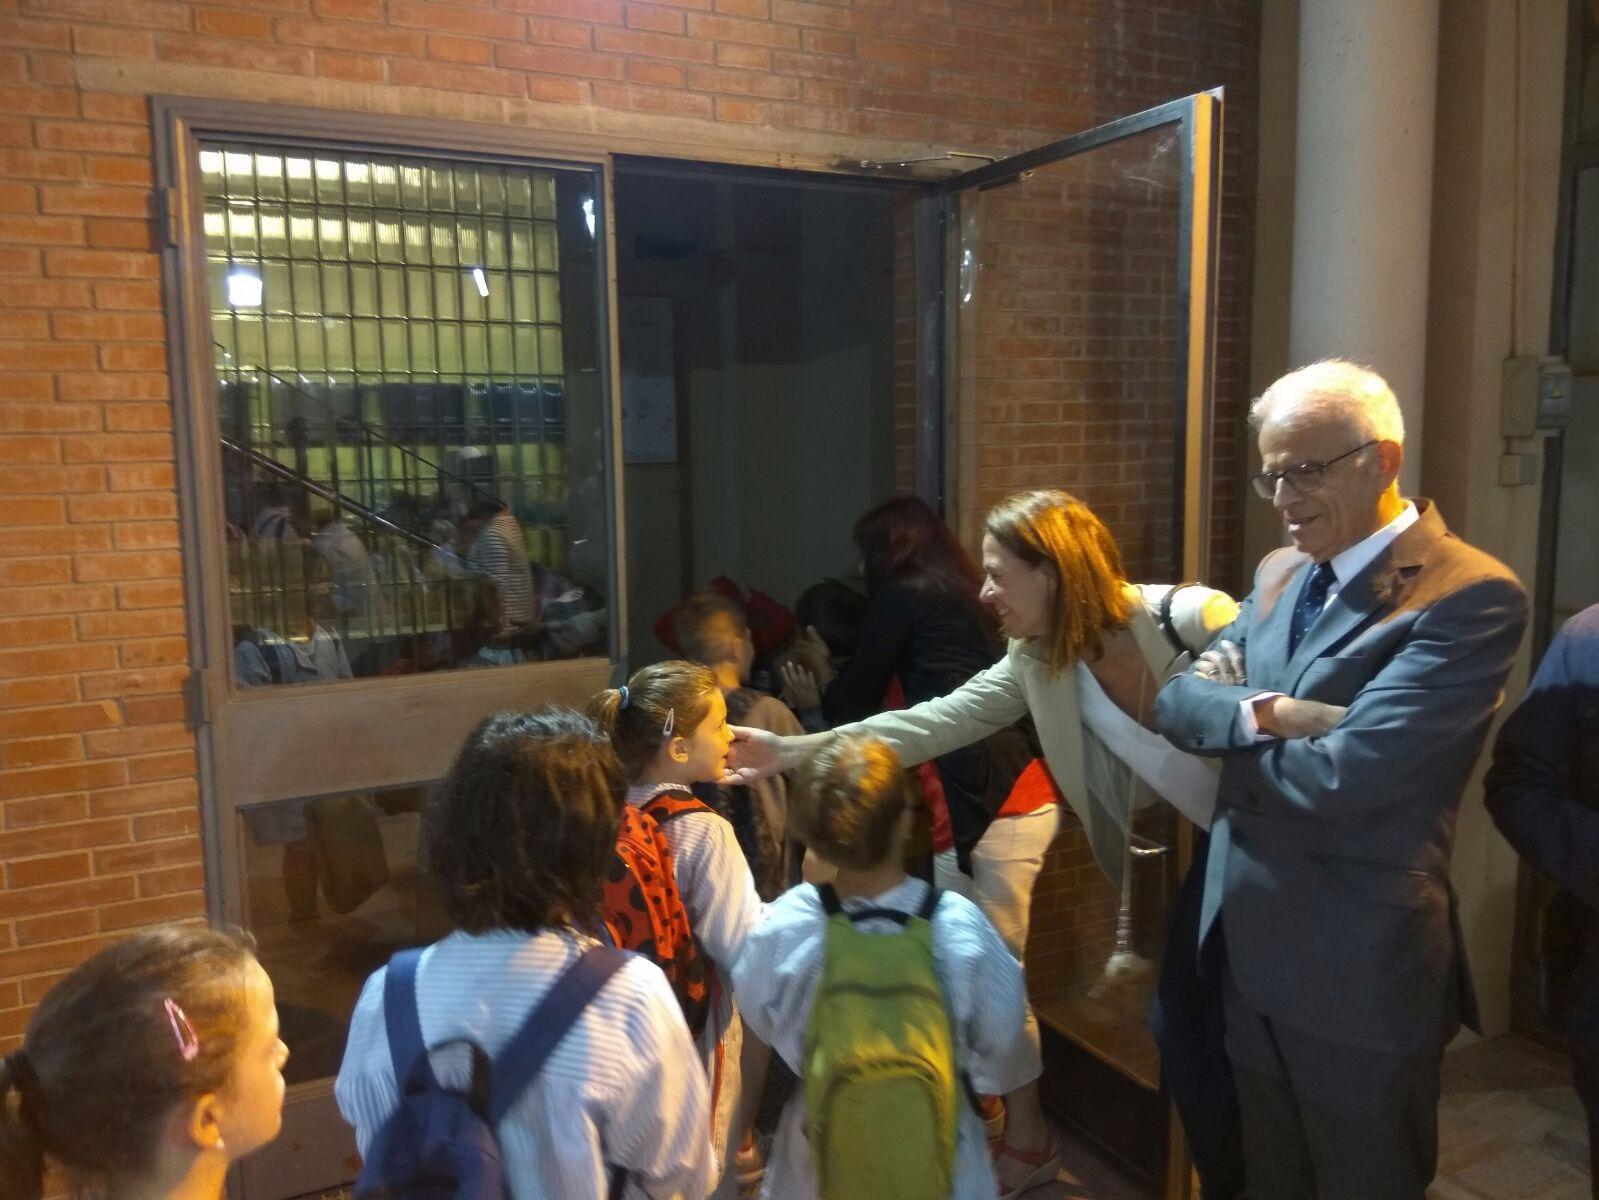 L'alcaldessa de Girona dóna la benvinguda als alumnes de l'Escola Eiximenis que comencen el curs escolar.